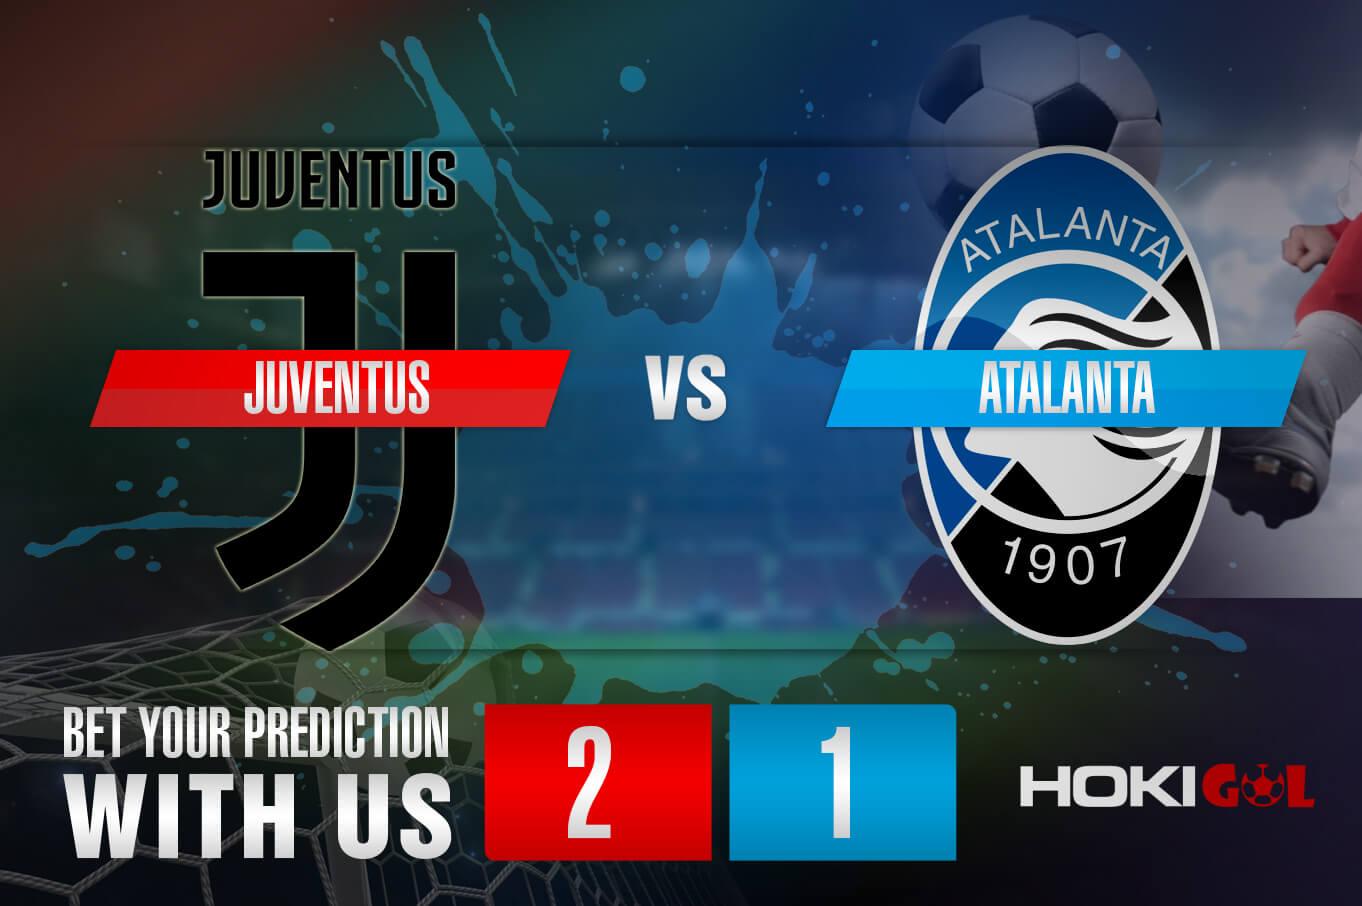 Prediksi Bola Juventus Vs Atalanta 17 Desember 2020